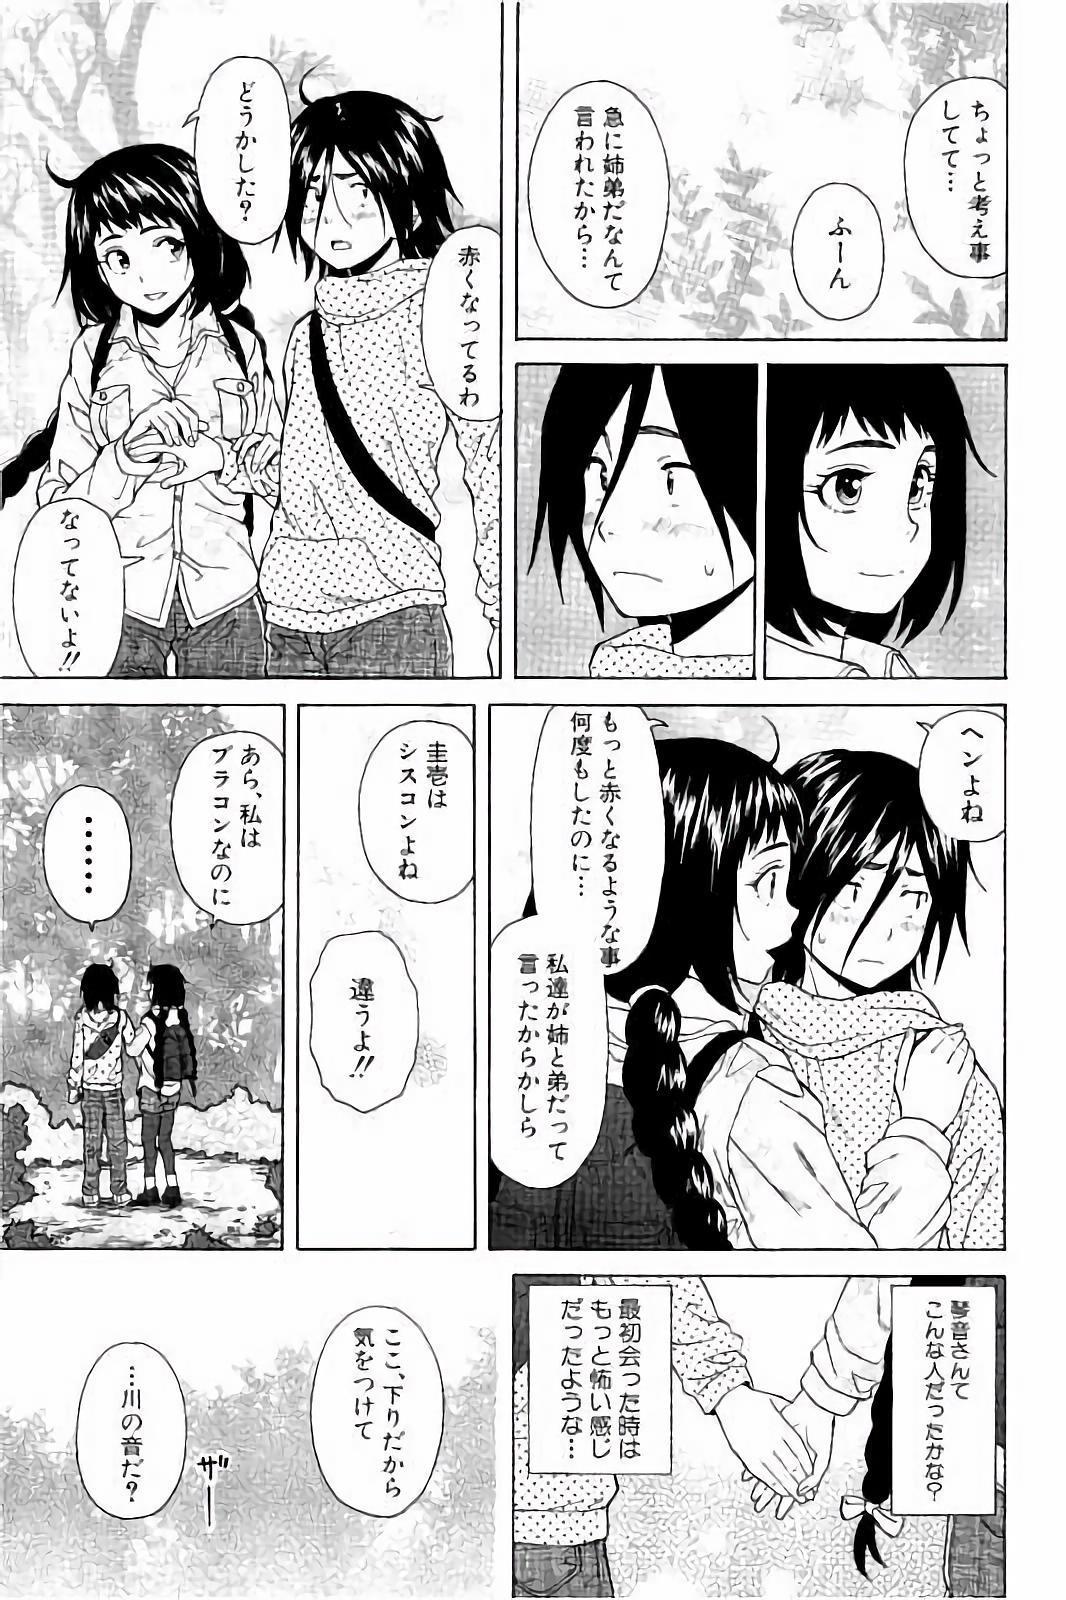 Ane no Himitsu To Boku no Jisatsu 100